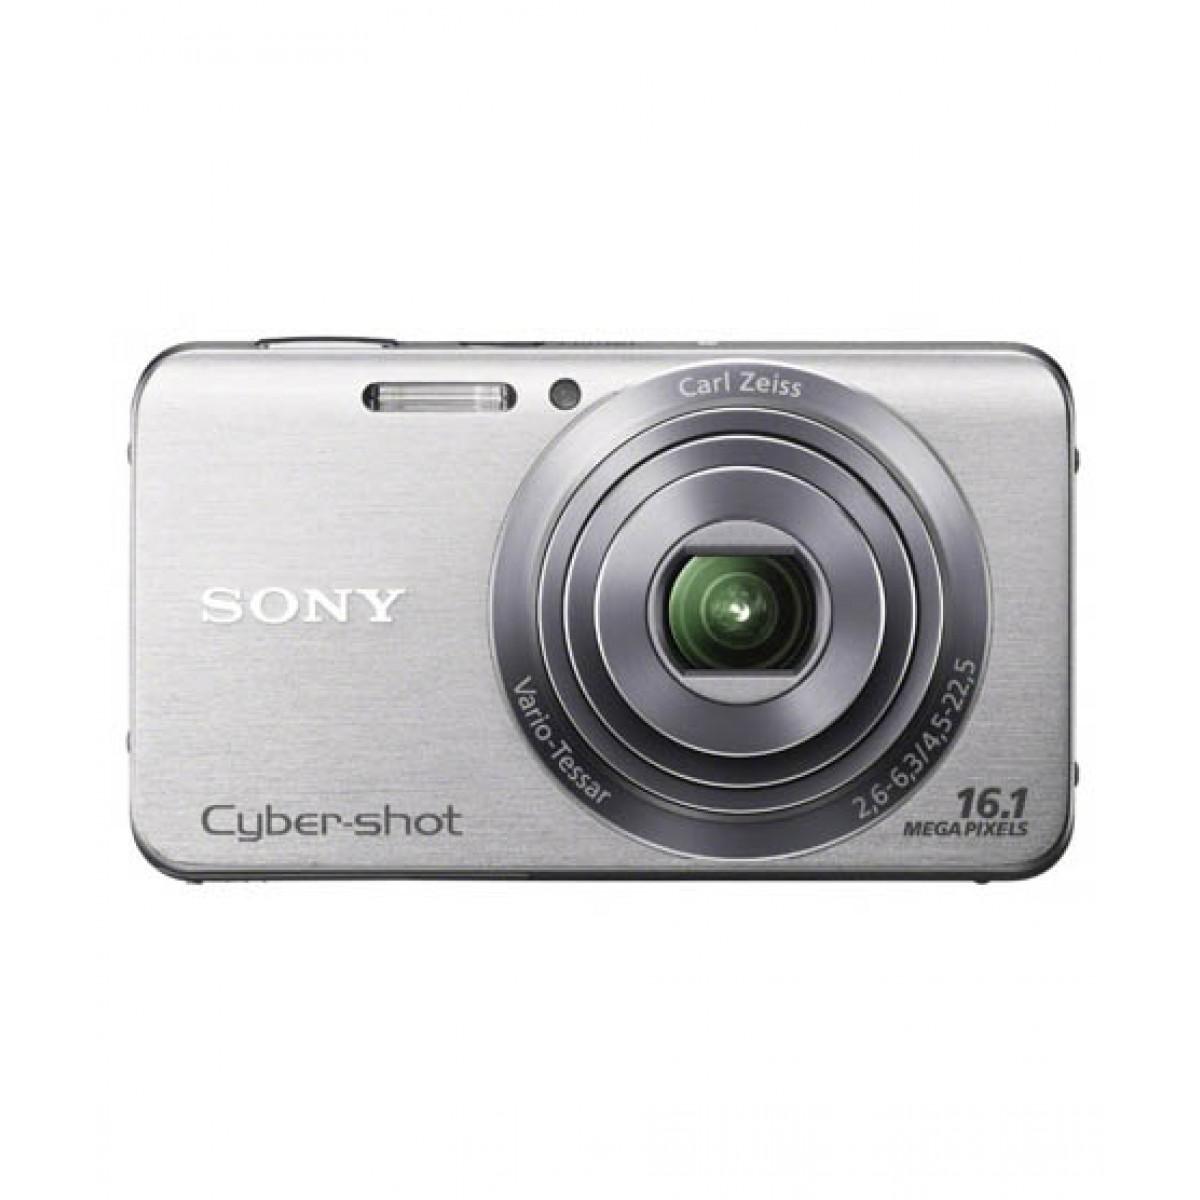 Sony DSC-W630 Cybershot Camera Silver